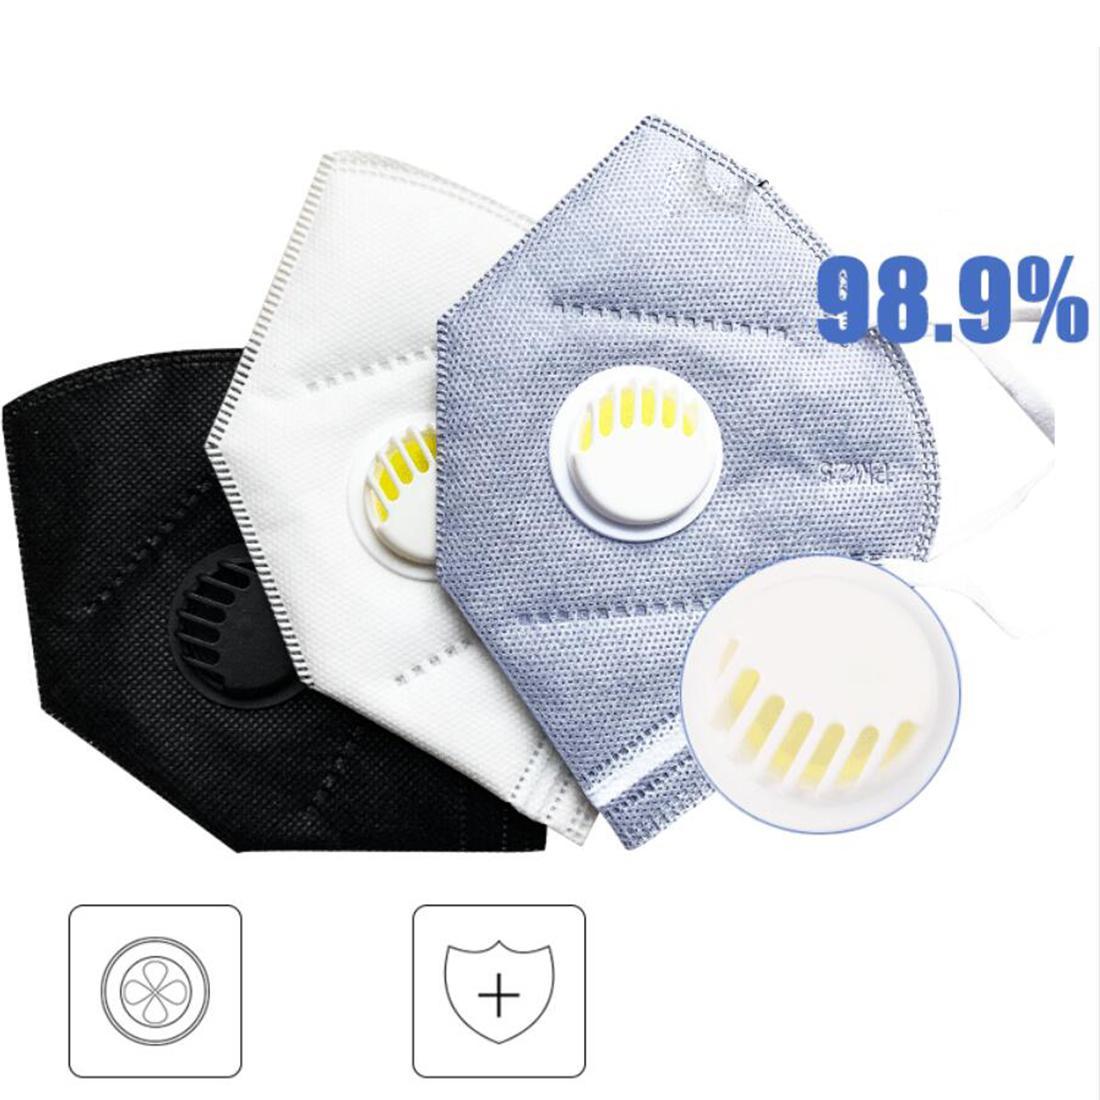 KN95GREY Black Active Белые респираторные маски Многоразовые маски для лица Mascherine Maskara Masque Masques Masks Защитите здоровье вашей семейной маски